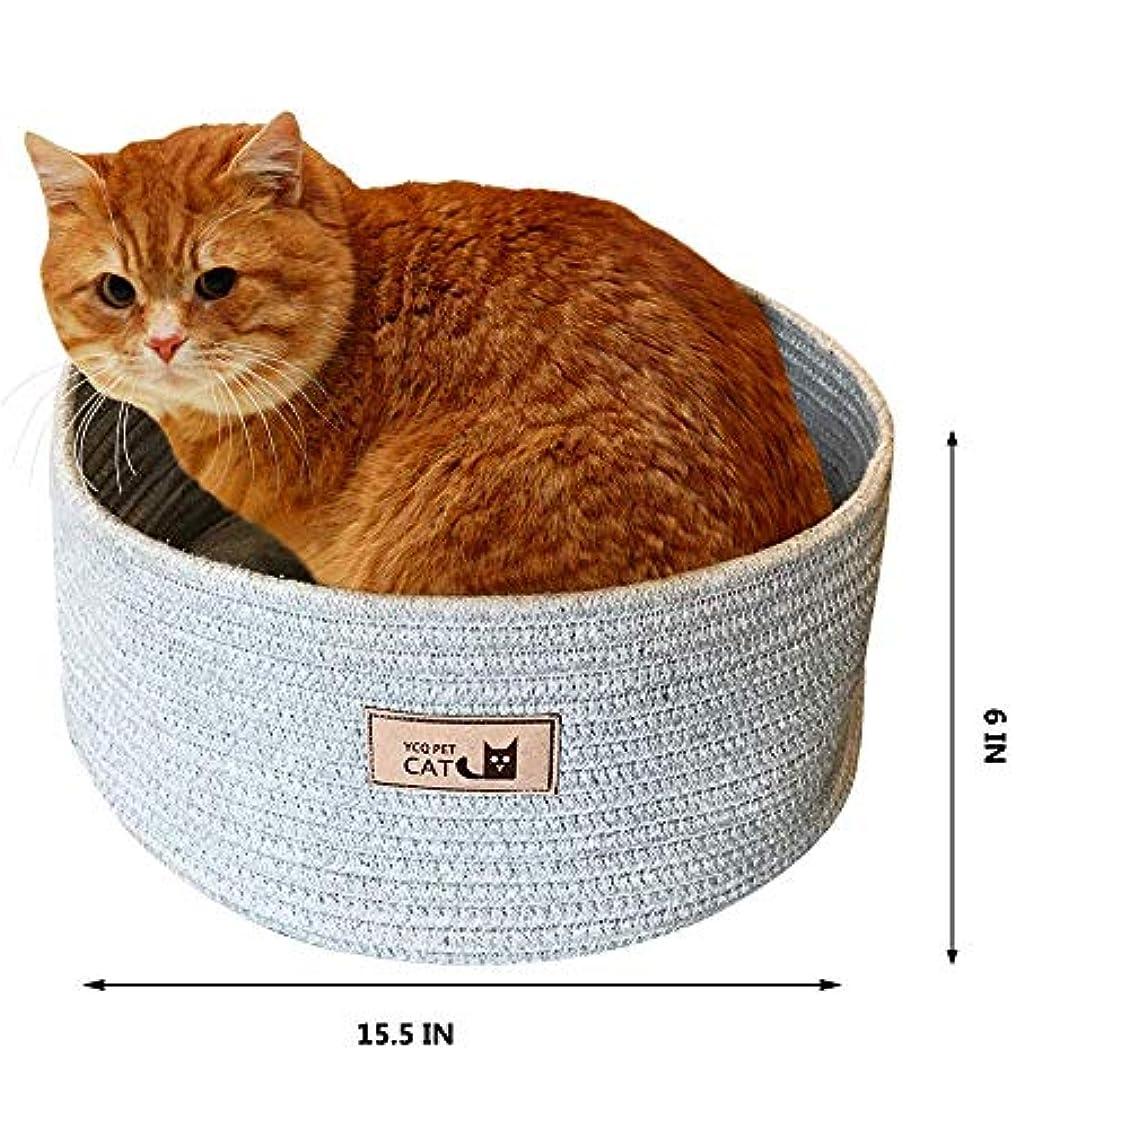 縫う活発メーカー手織りの猫のベッドドームの猫のベッド猫の家猫のソファ手織り洗濯可能なコットンロープ織りソフト折りたたみ一年中夏と冬(すべての種類の小さなペットに適しています) (灰色)